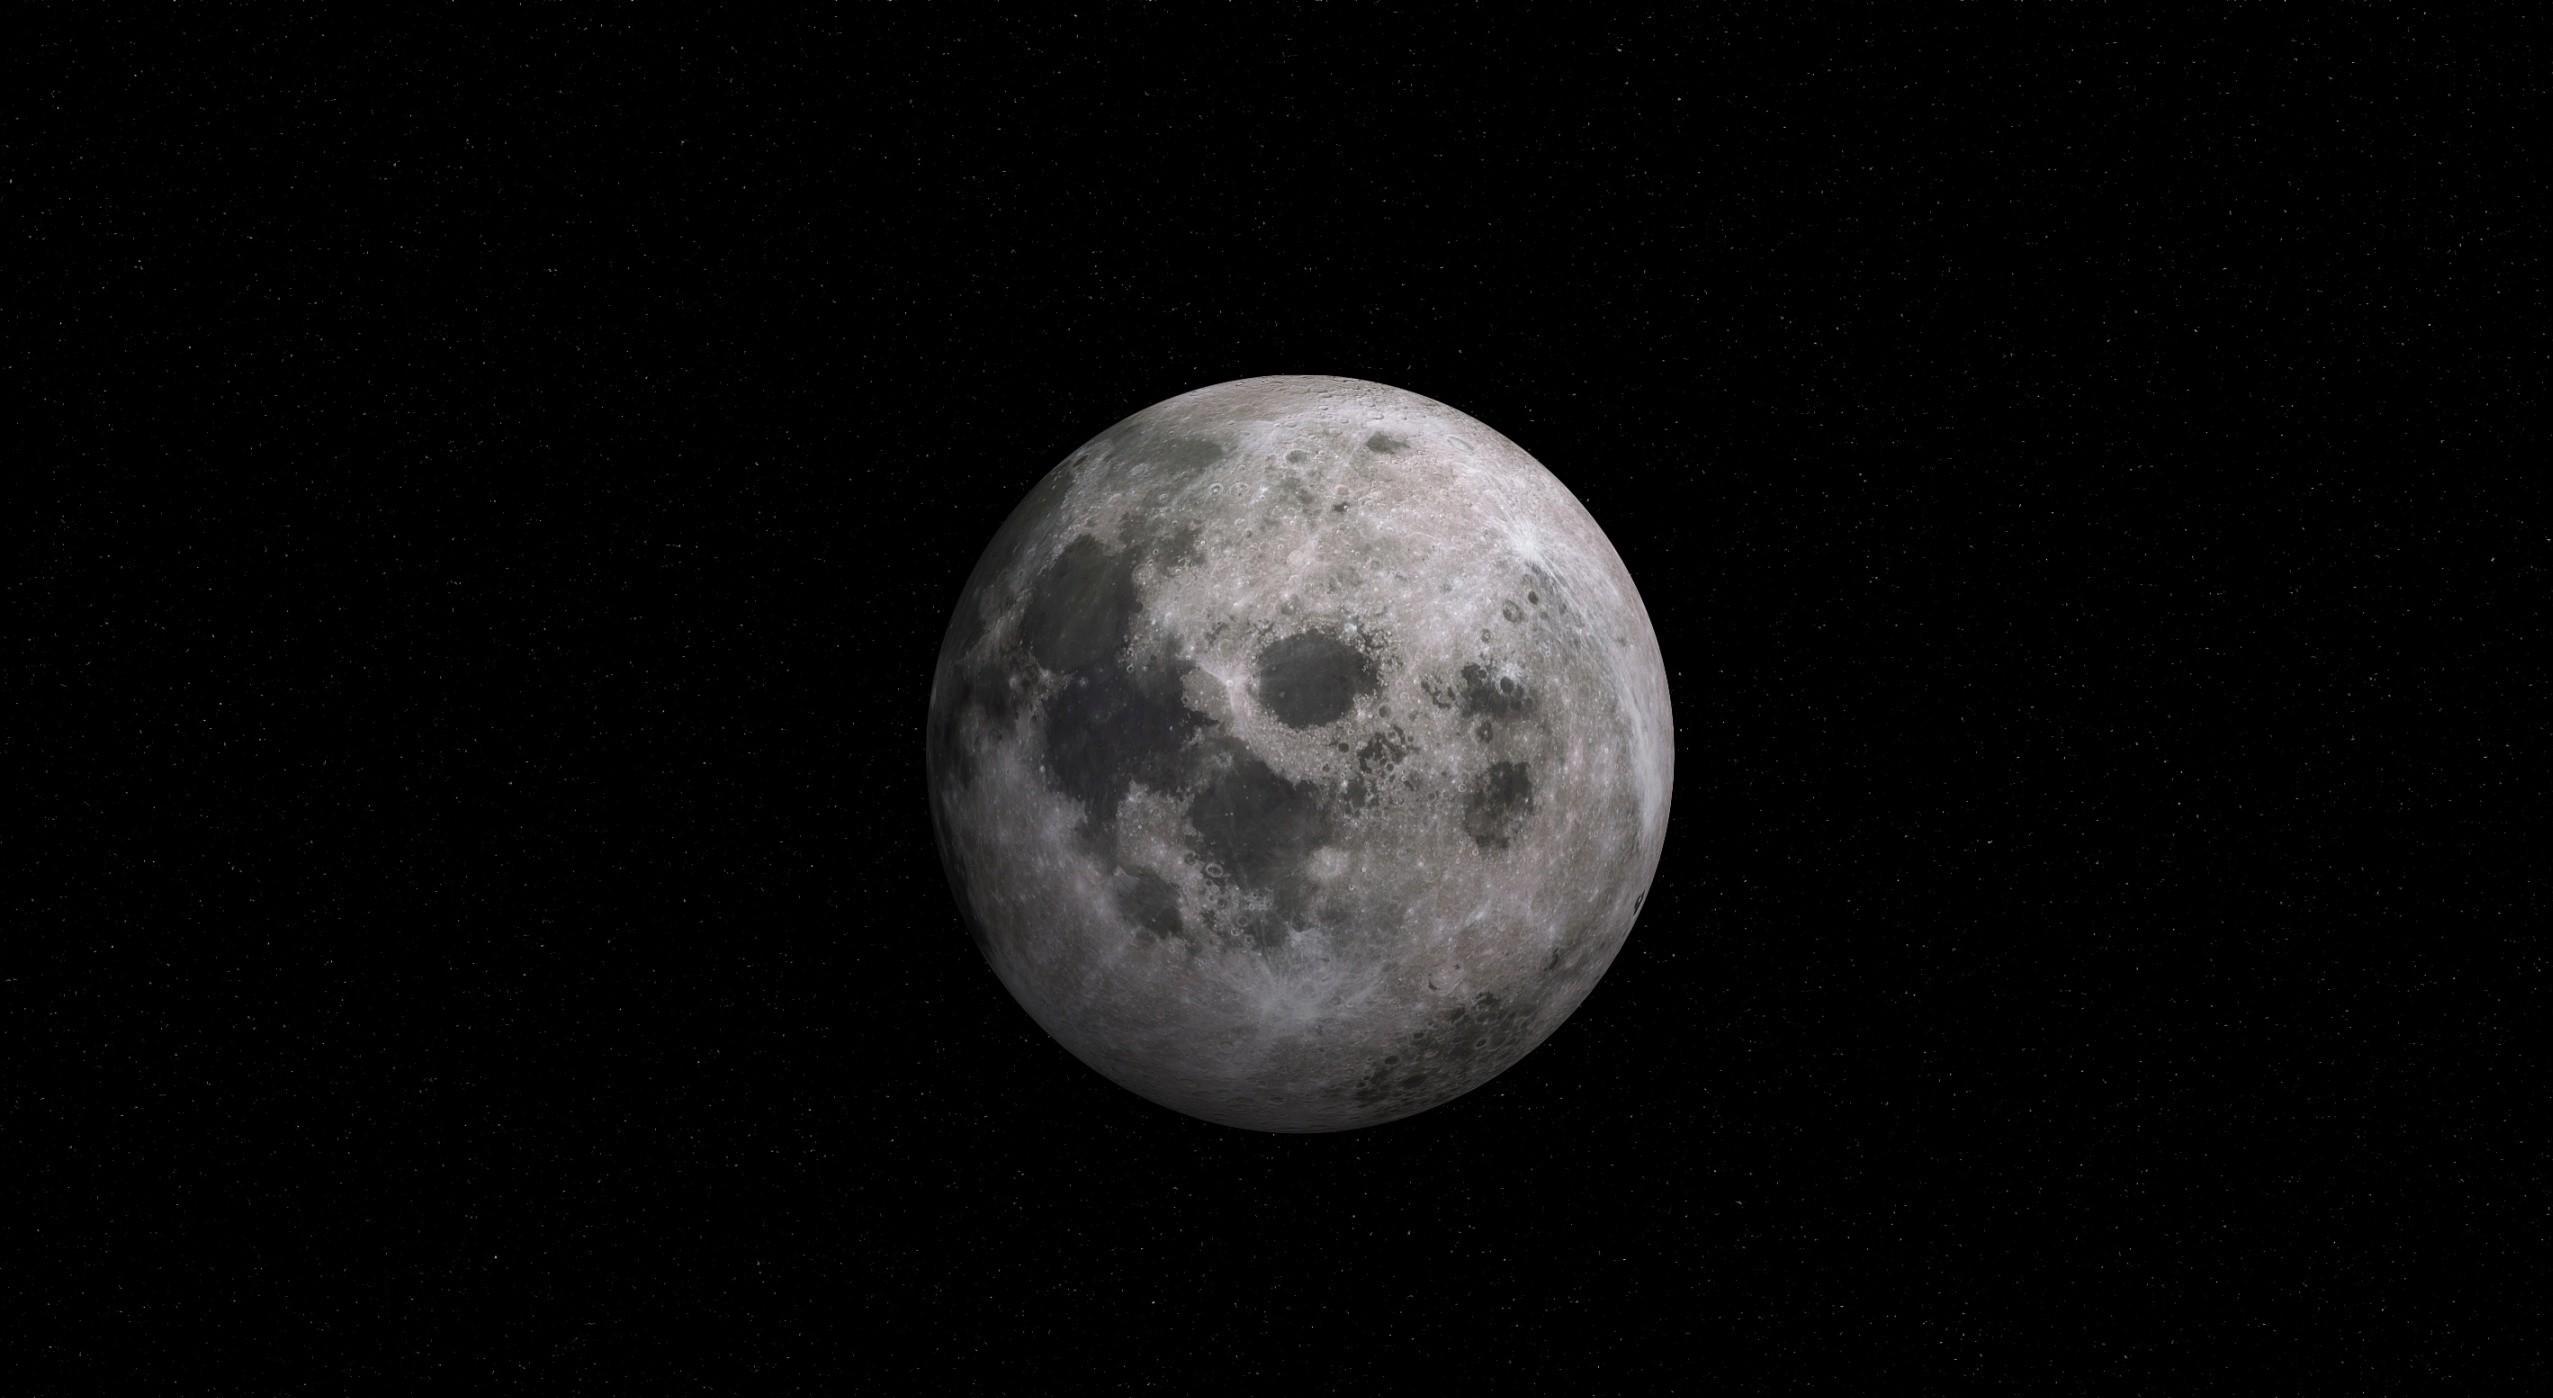 apolo 11-carrera espacial- neil armstrong -5 curiosidades que no sabias - cinco curiosidades que no sabias - error en el logo - luna- mision lunar- buzz aldrin- primer hombre en orinar en la luna- primer hombre que piso la luna- llegada a la luna